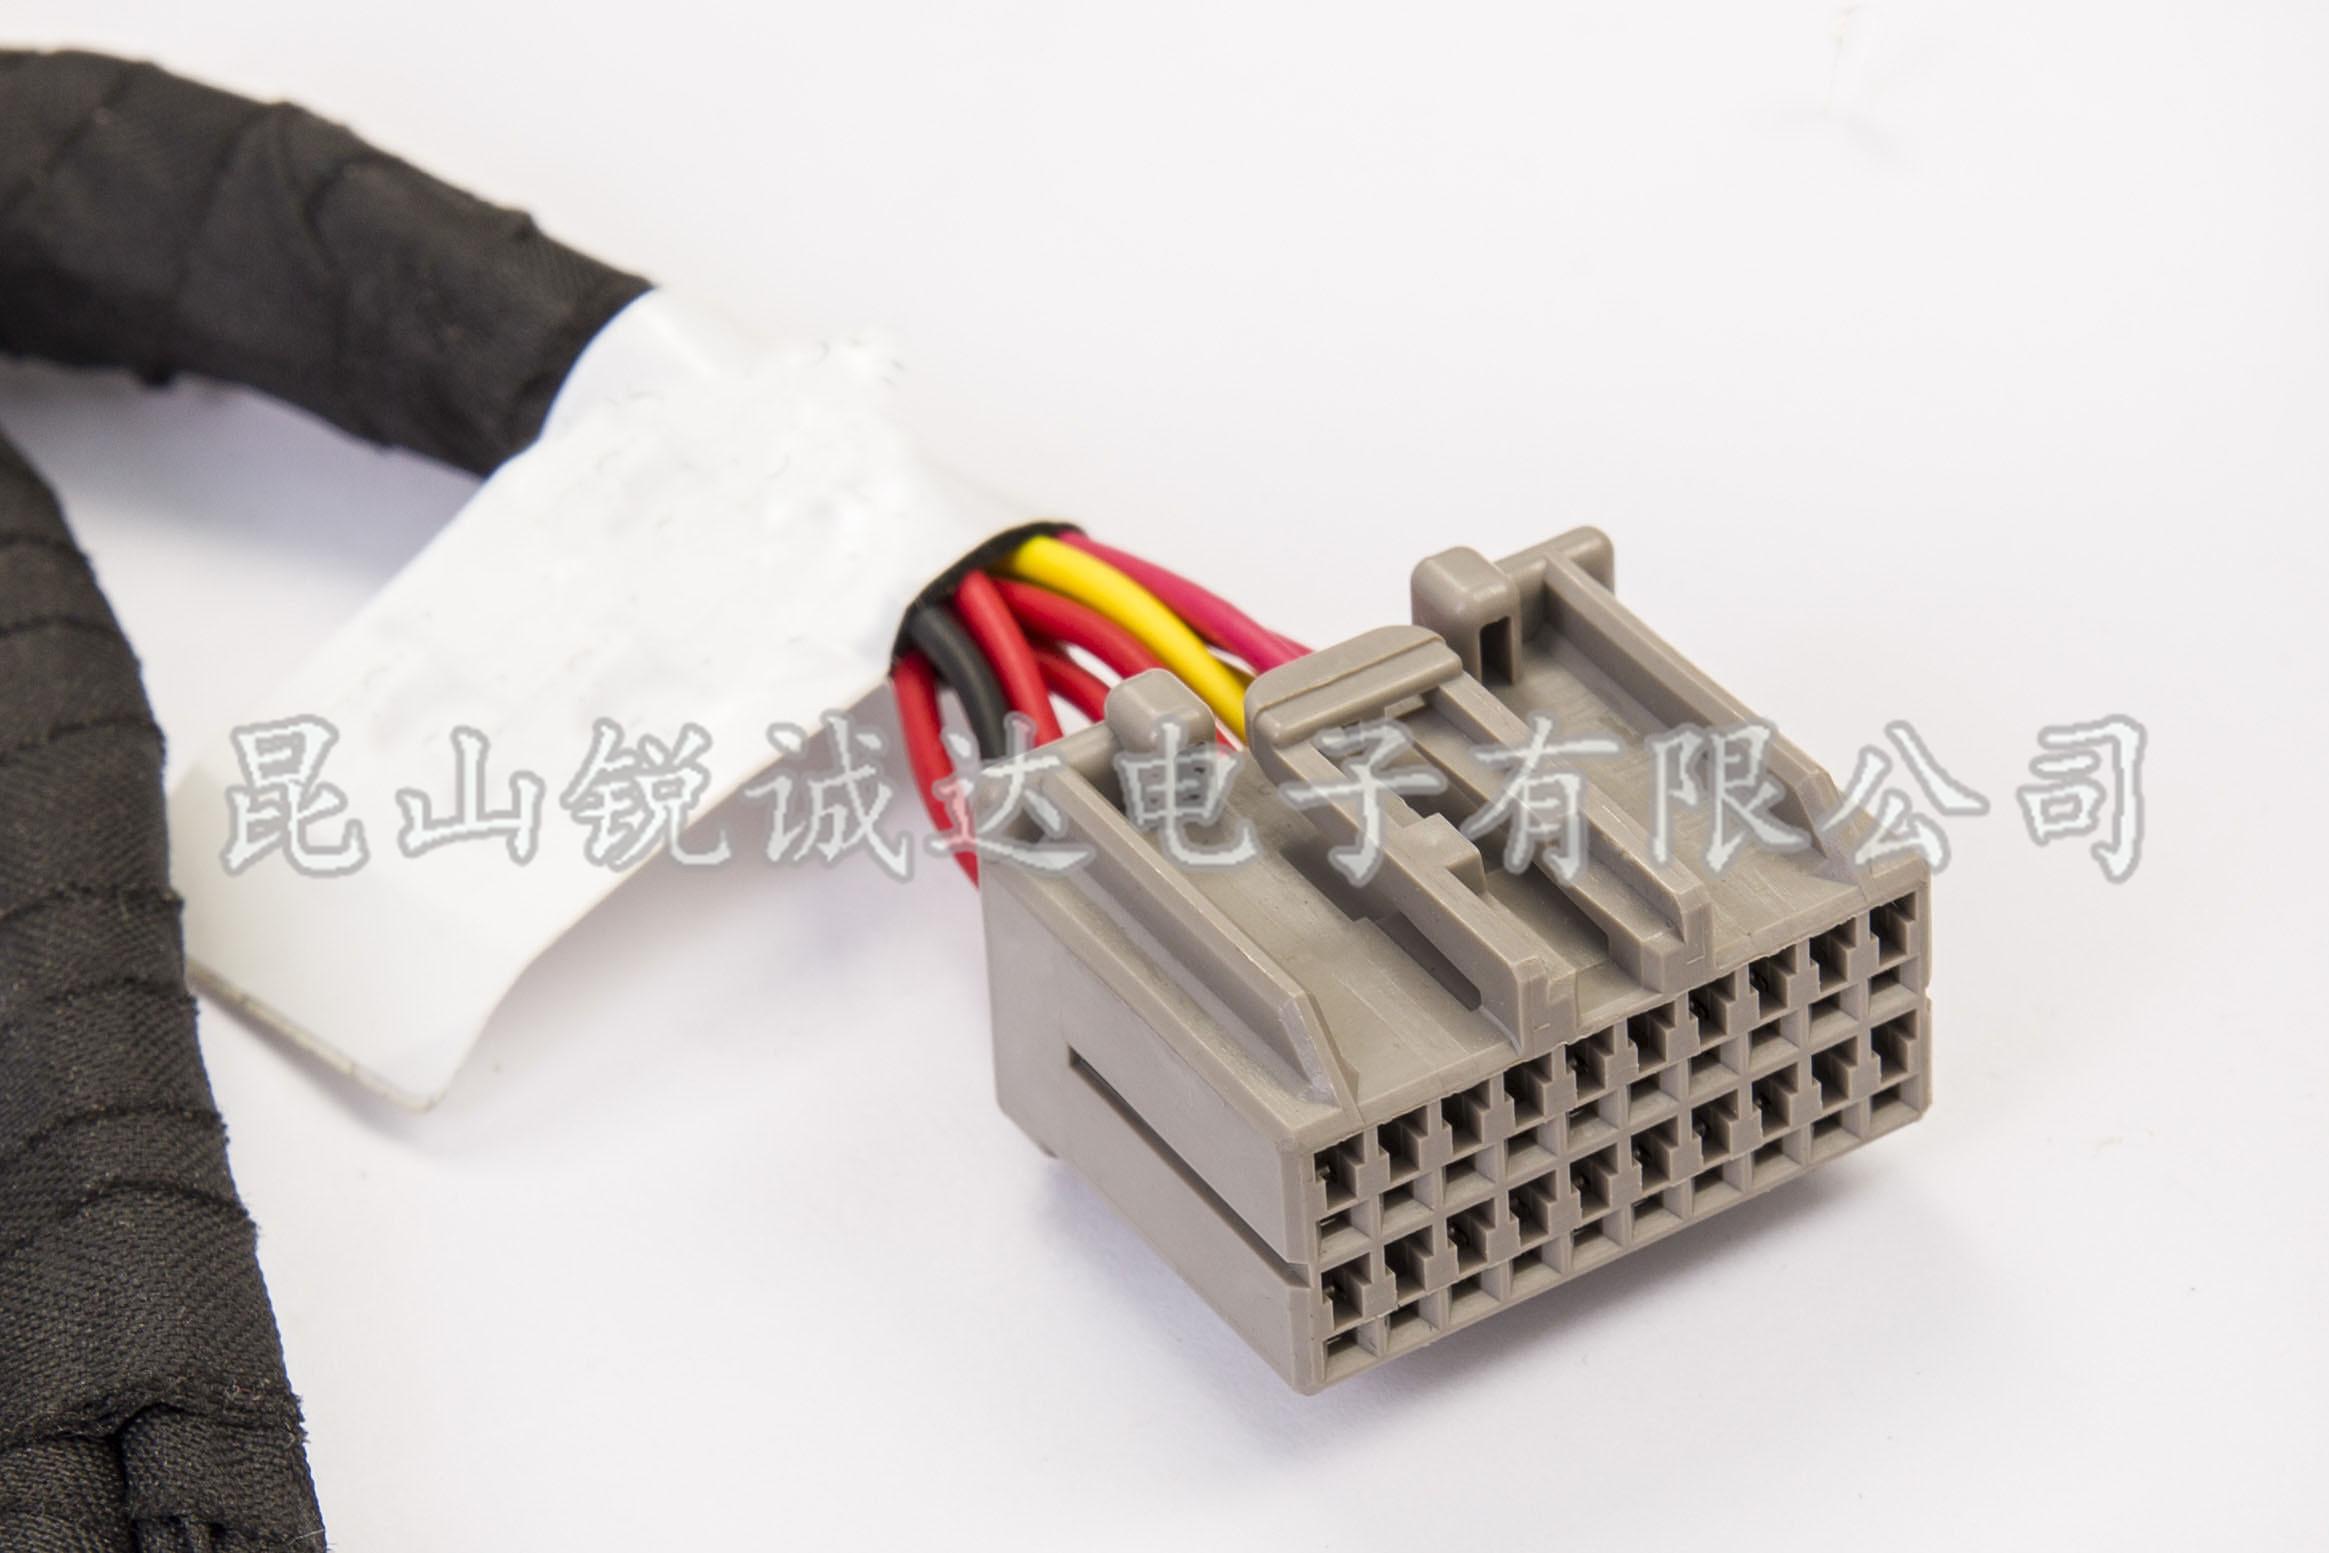 江苏高品质BMS线束生产厂家 欢迎来电 锐诚达供